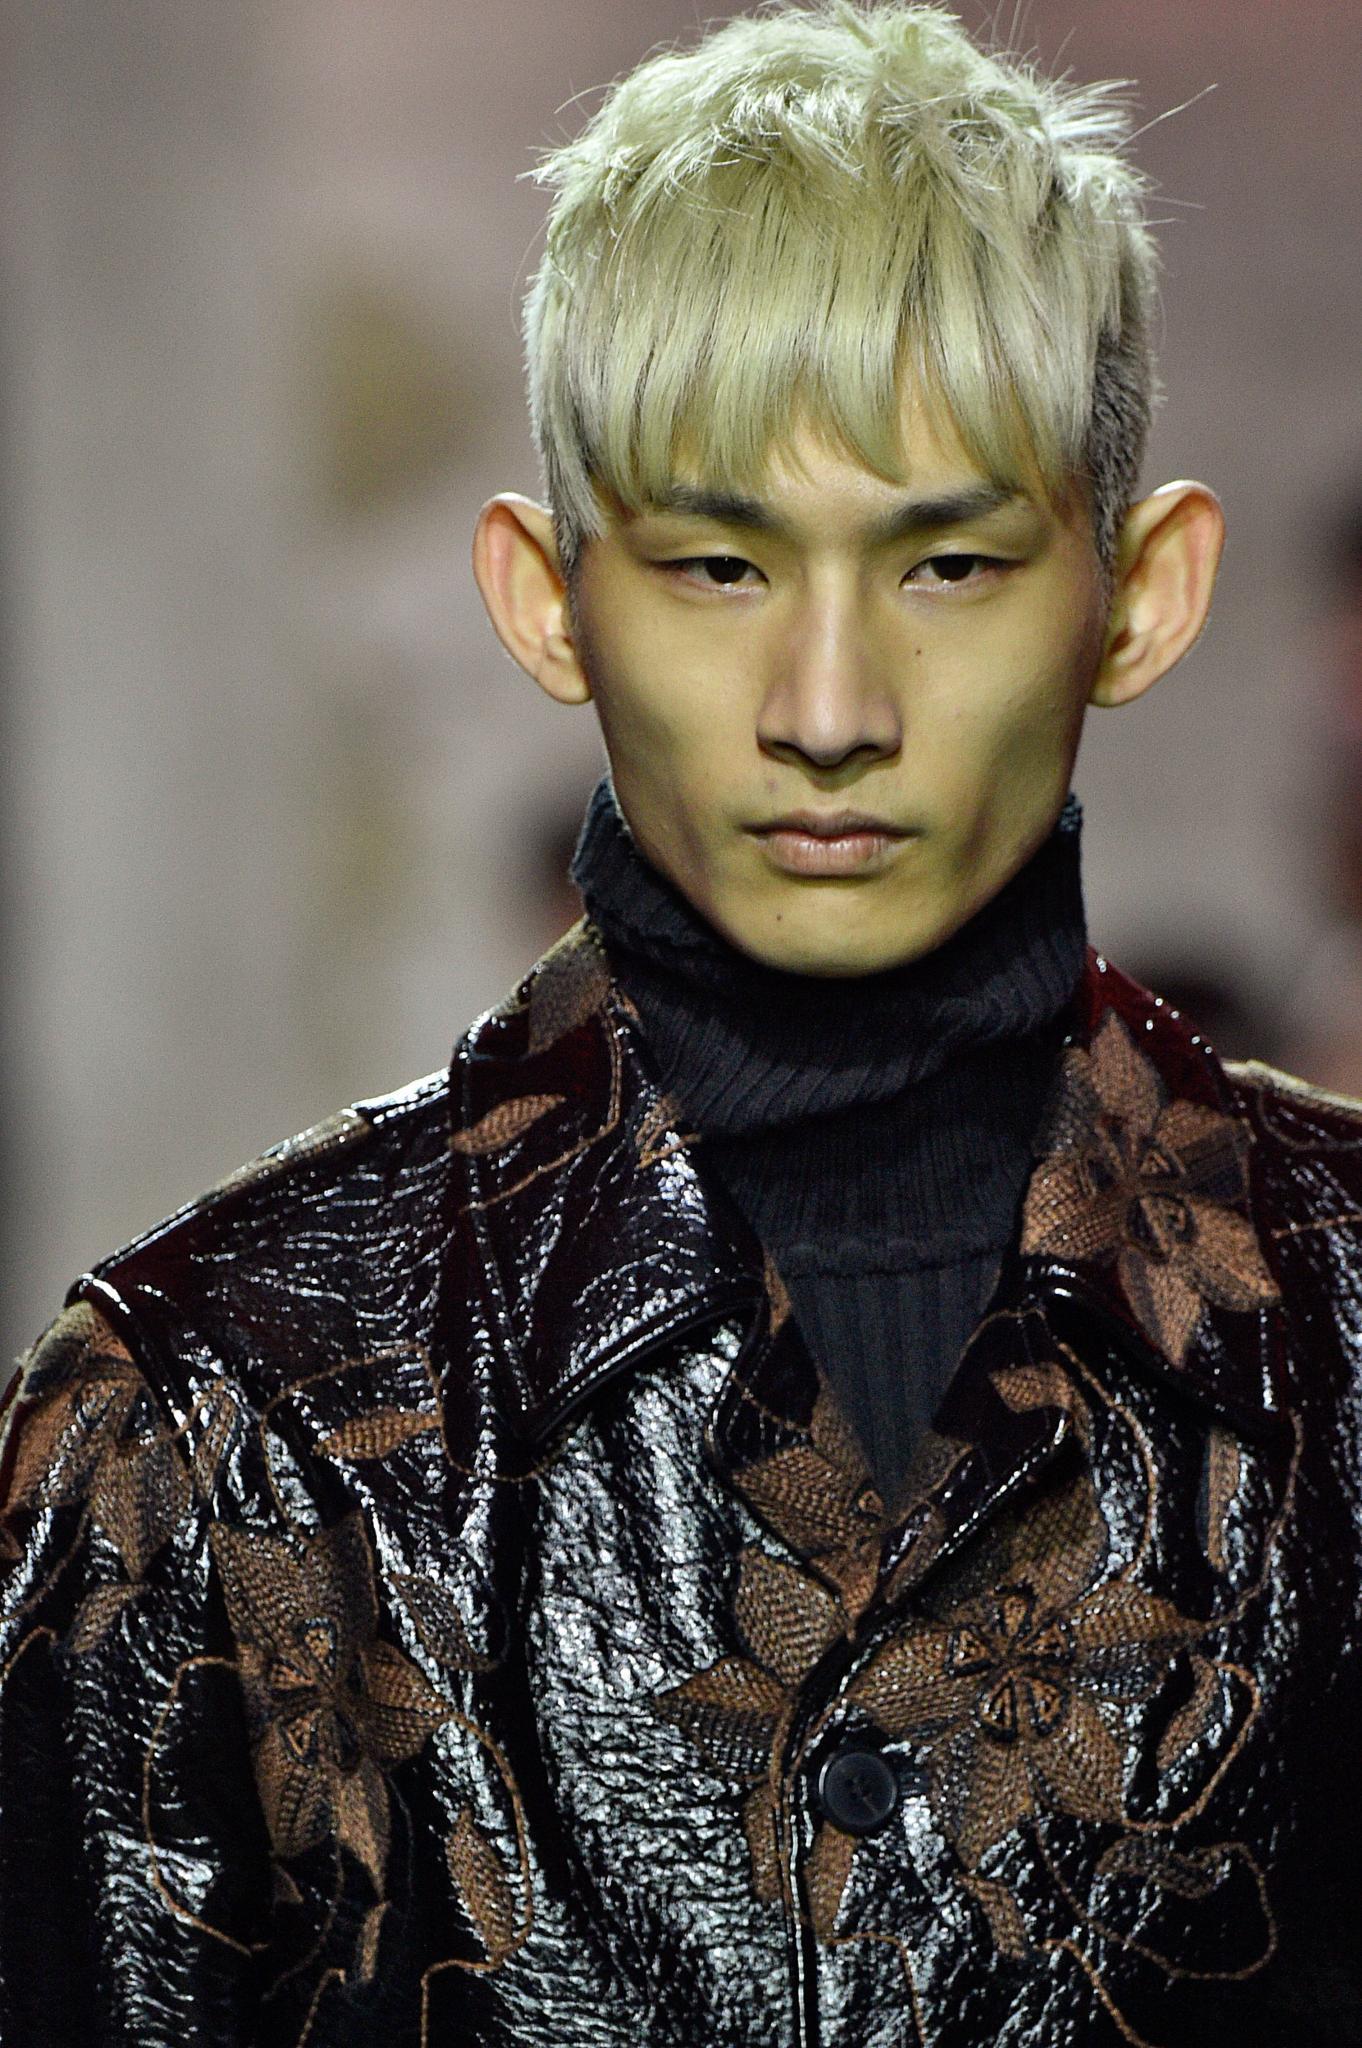 bowl cut undercut blonde asian men's